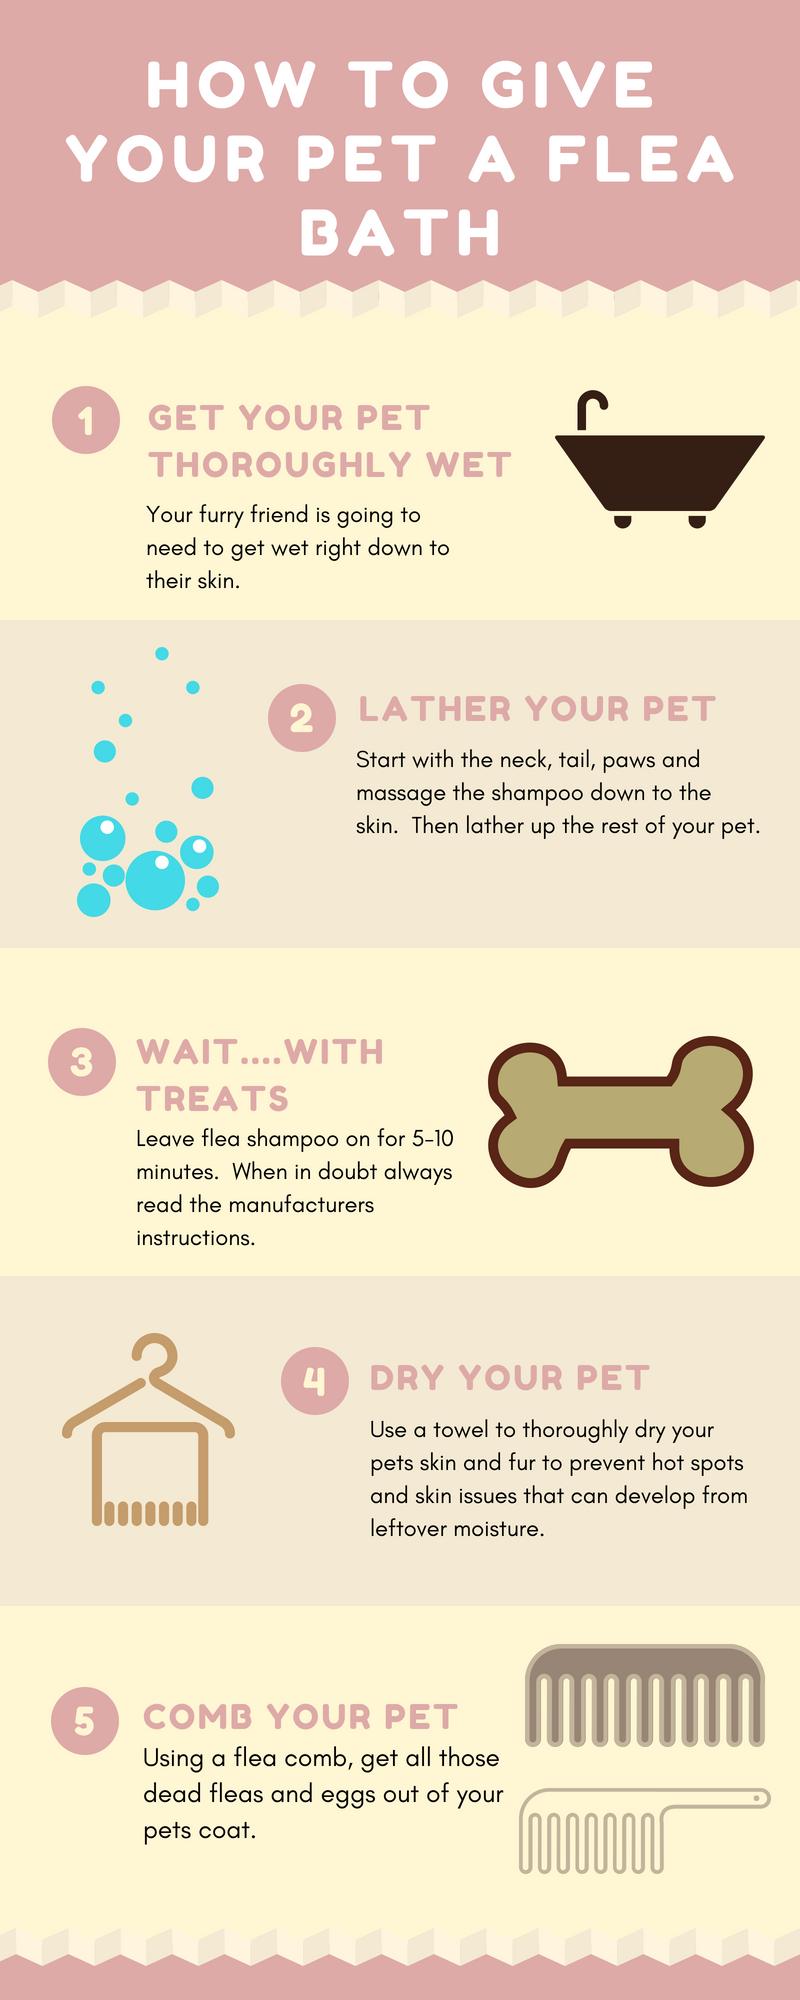 How Often Should You Bathe Your Dog With Flea Shampoo It S Less Than You Think Cat Shampoo Pet Advice Flea Shampoo